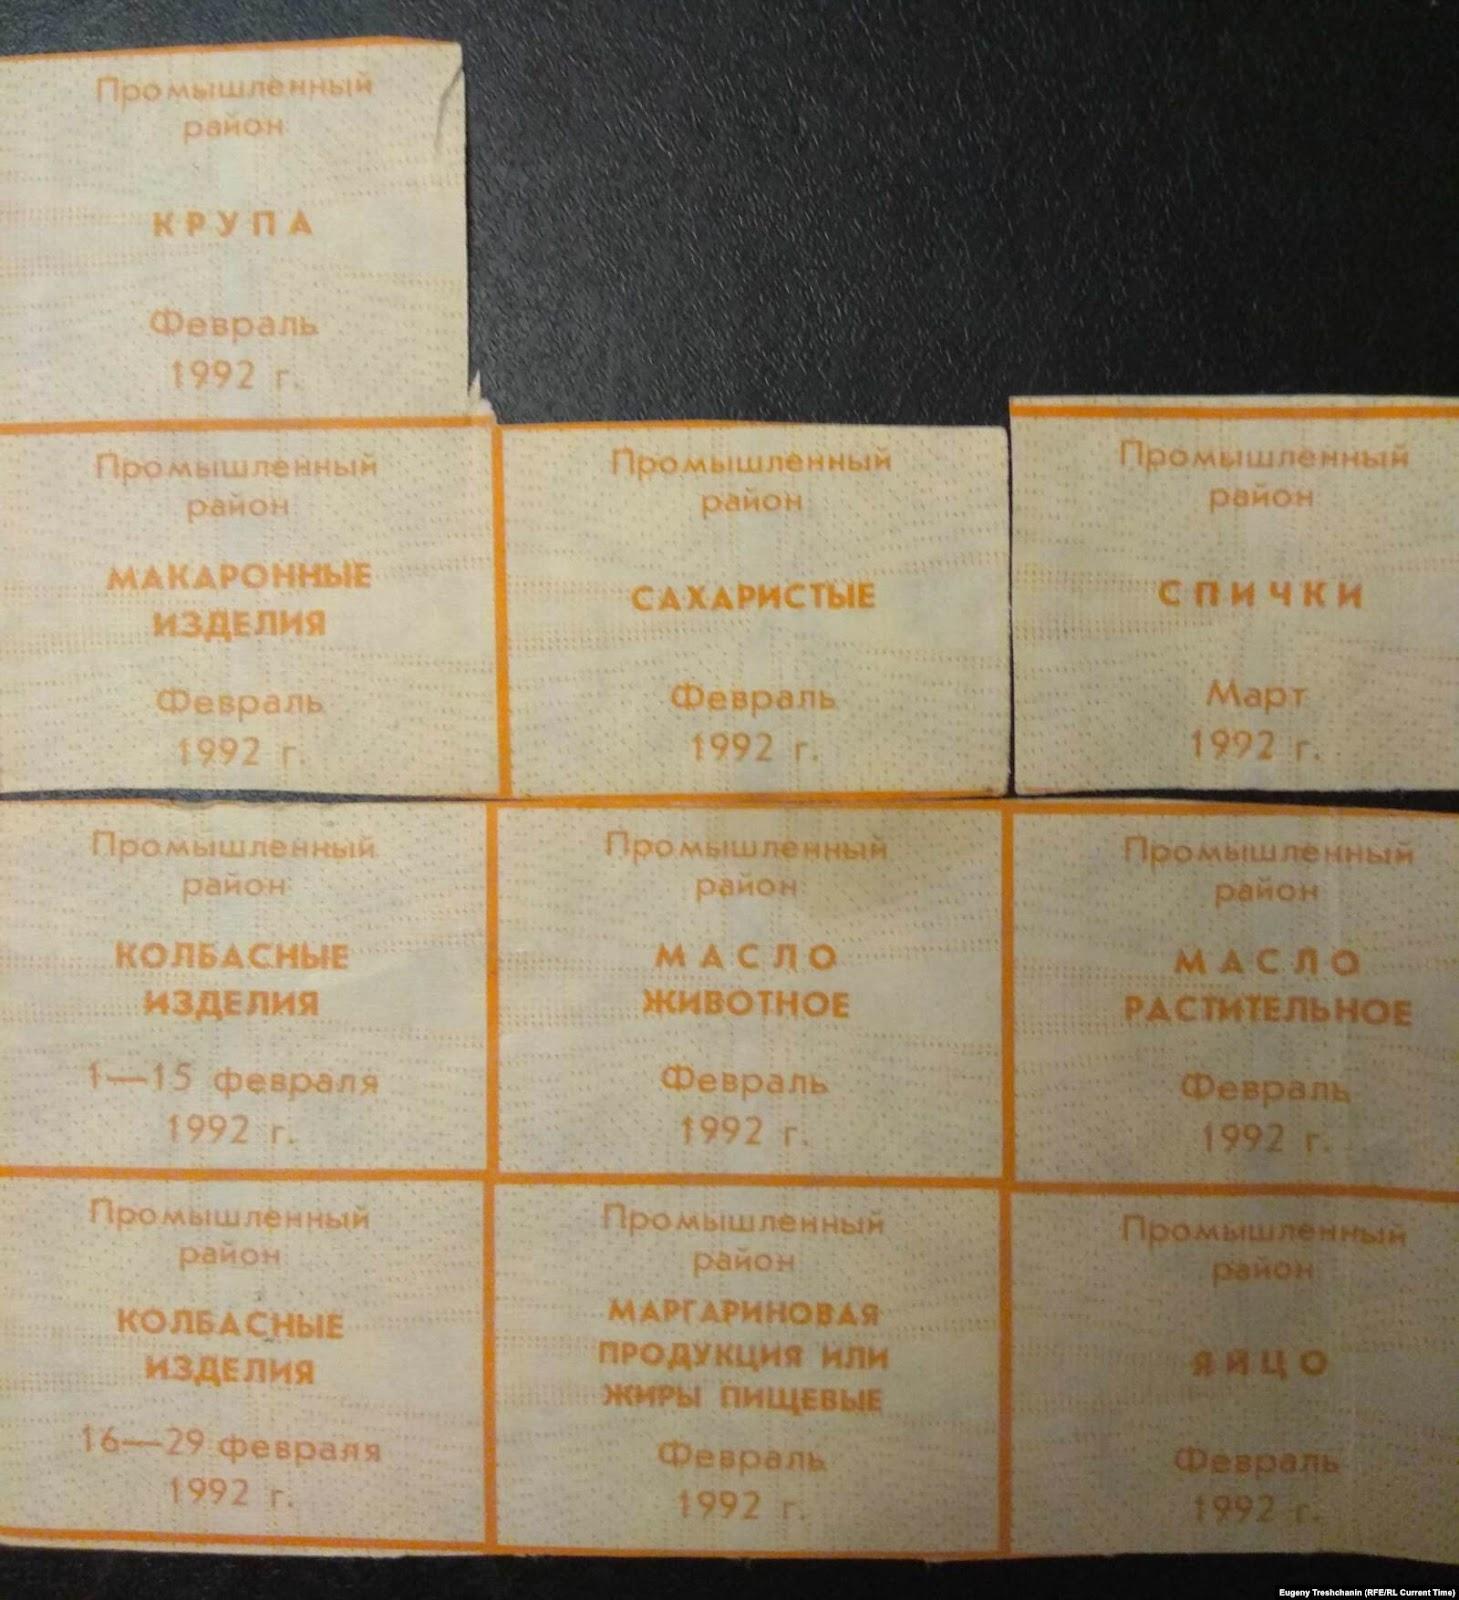 Талоны на продукты, выданные на февраль 1992 года в Промышленном районе Самары. Карточки последних выпусков не были использованы из-за либерализации цен в начале 1992 года